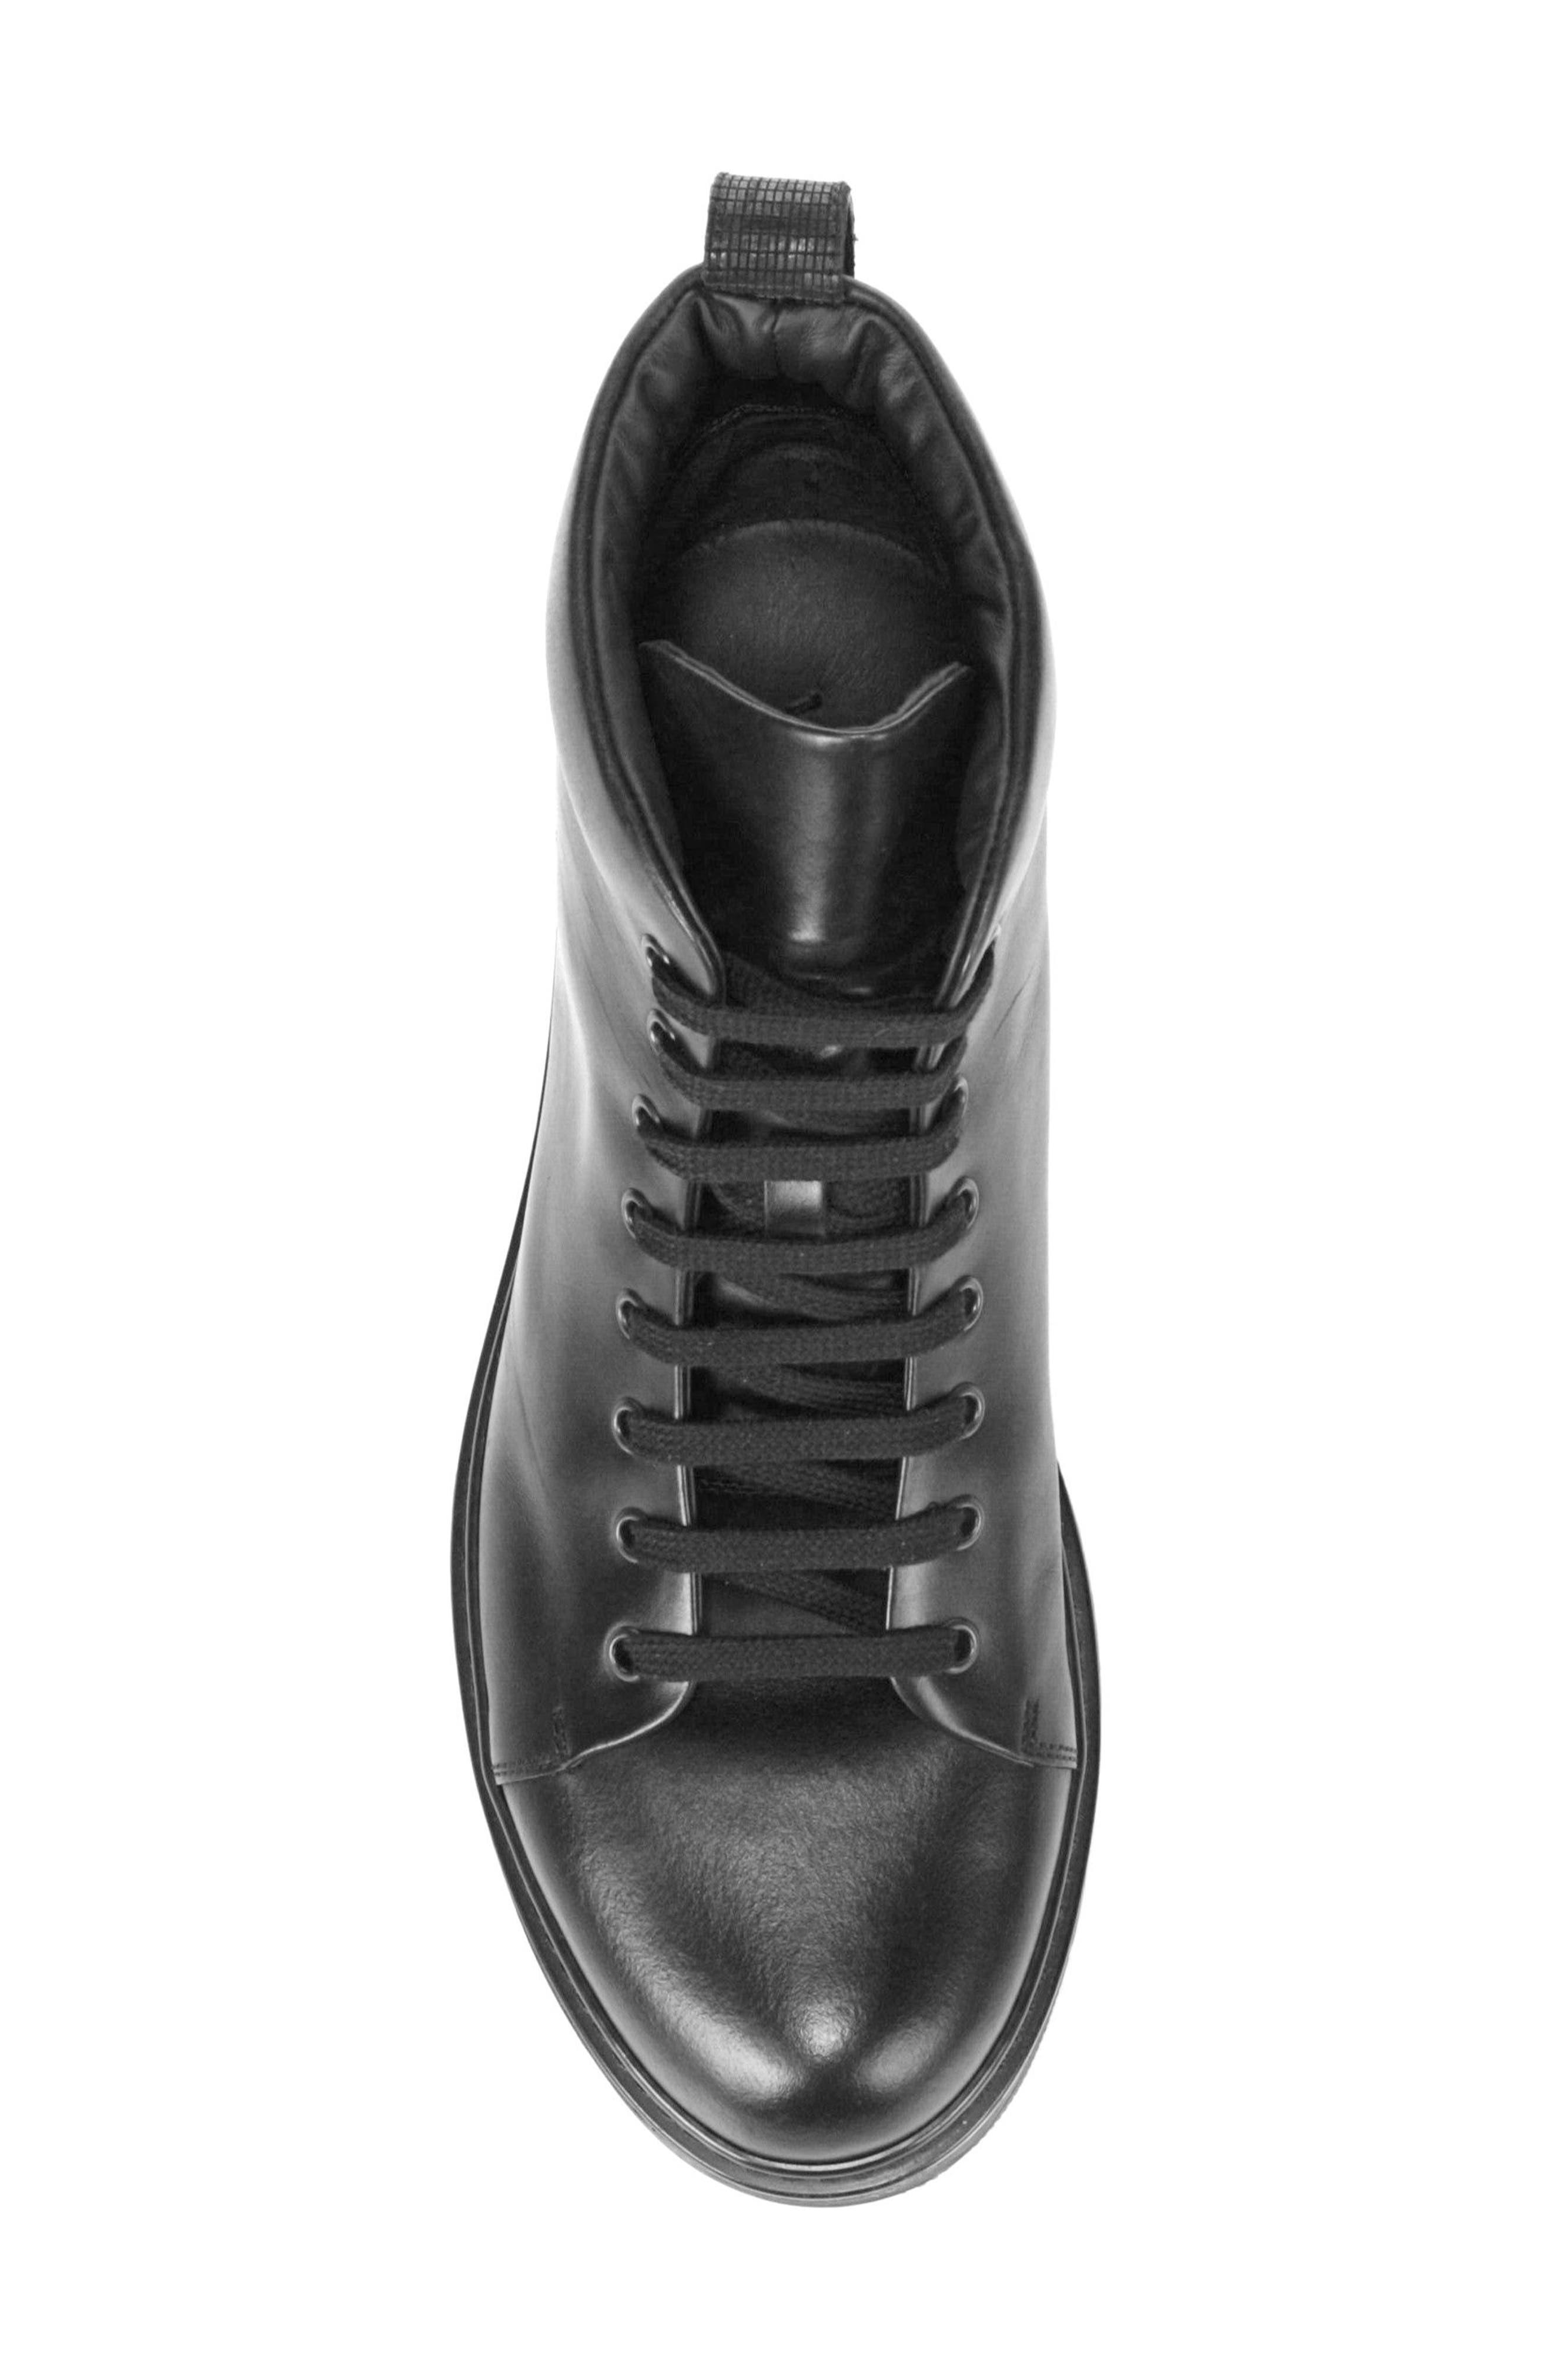 Malone Plain Toe Boot,                             Alternate thumbnail 9, color,